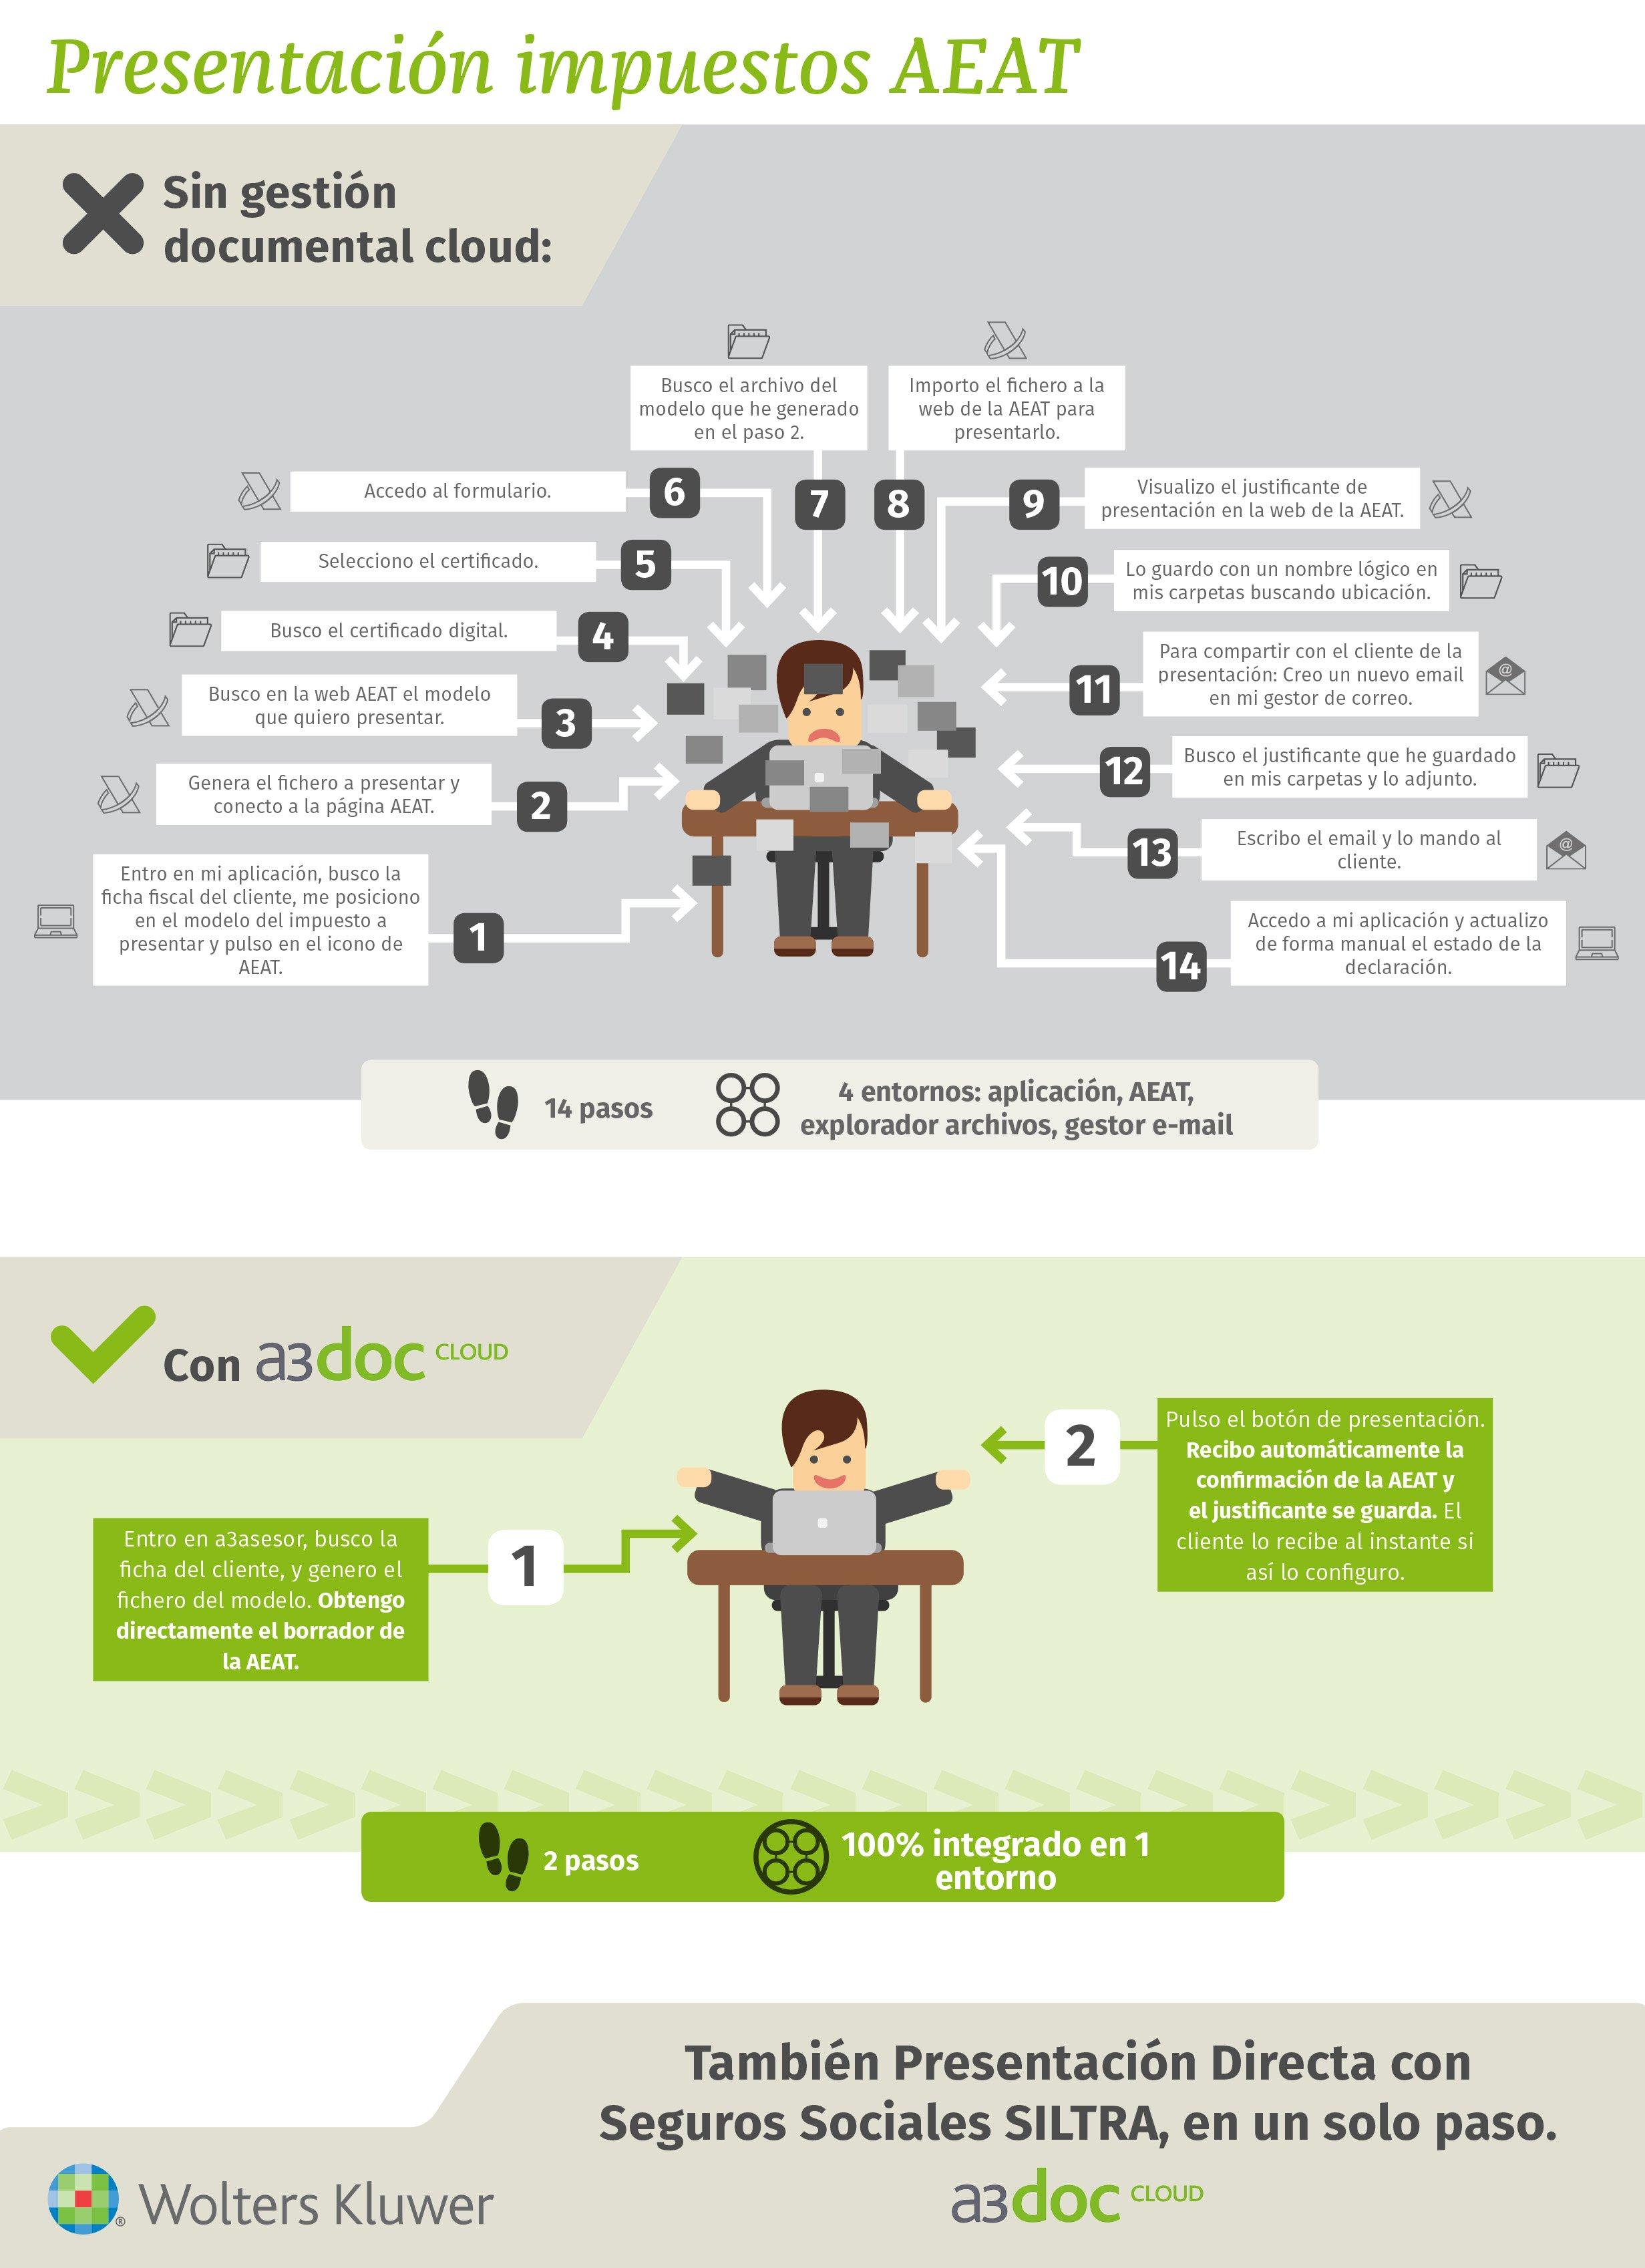 Presentacion Directa de Impuestos - AEAT Simplificada2